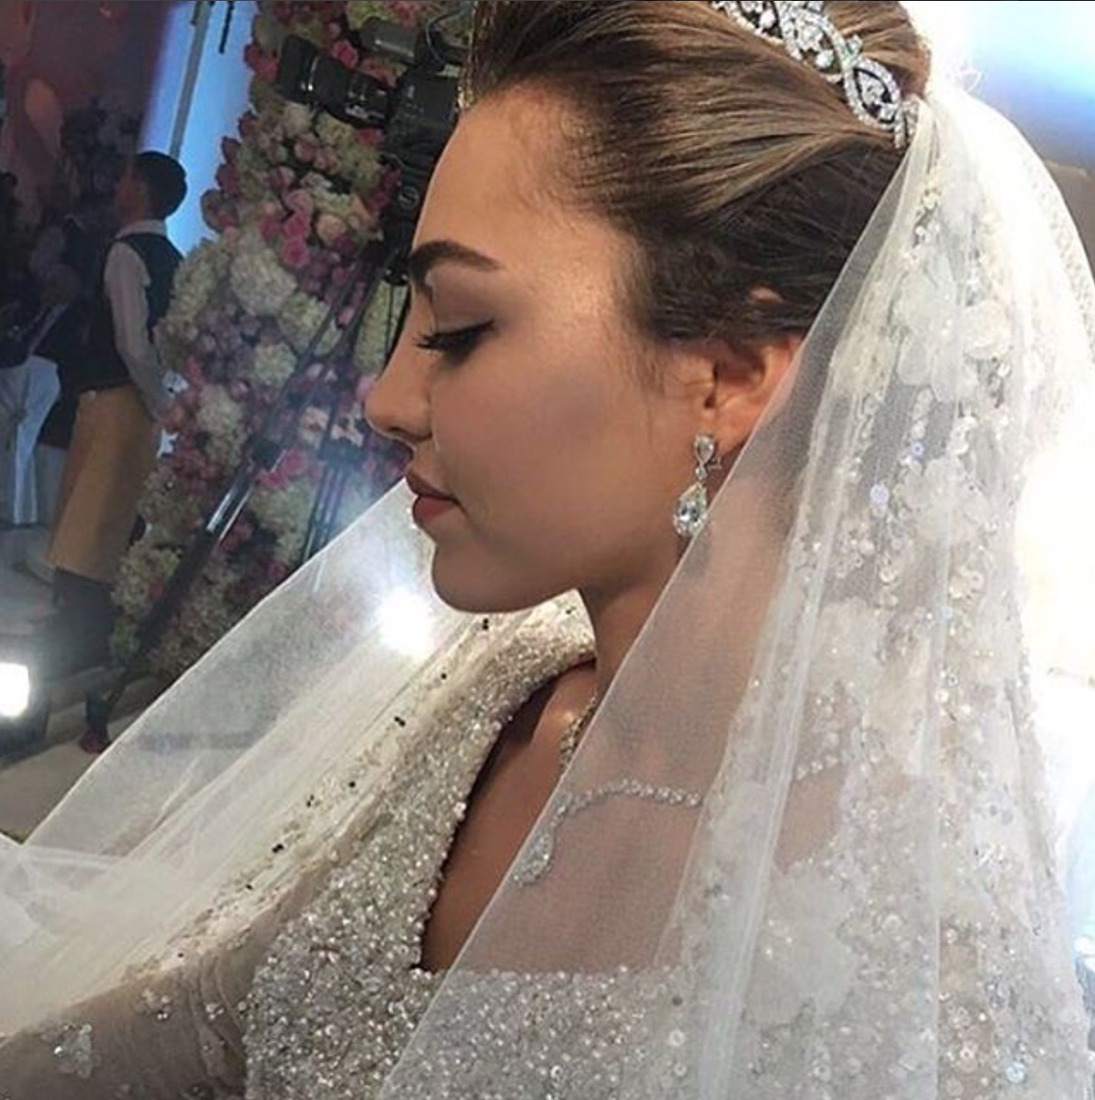 пирог говяжьей саид гуцериев и хадижа свадьба фото существу